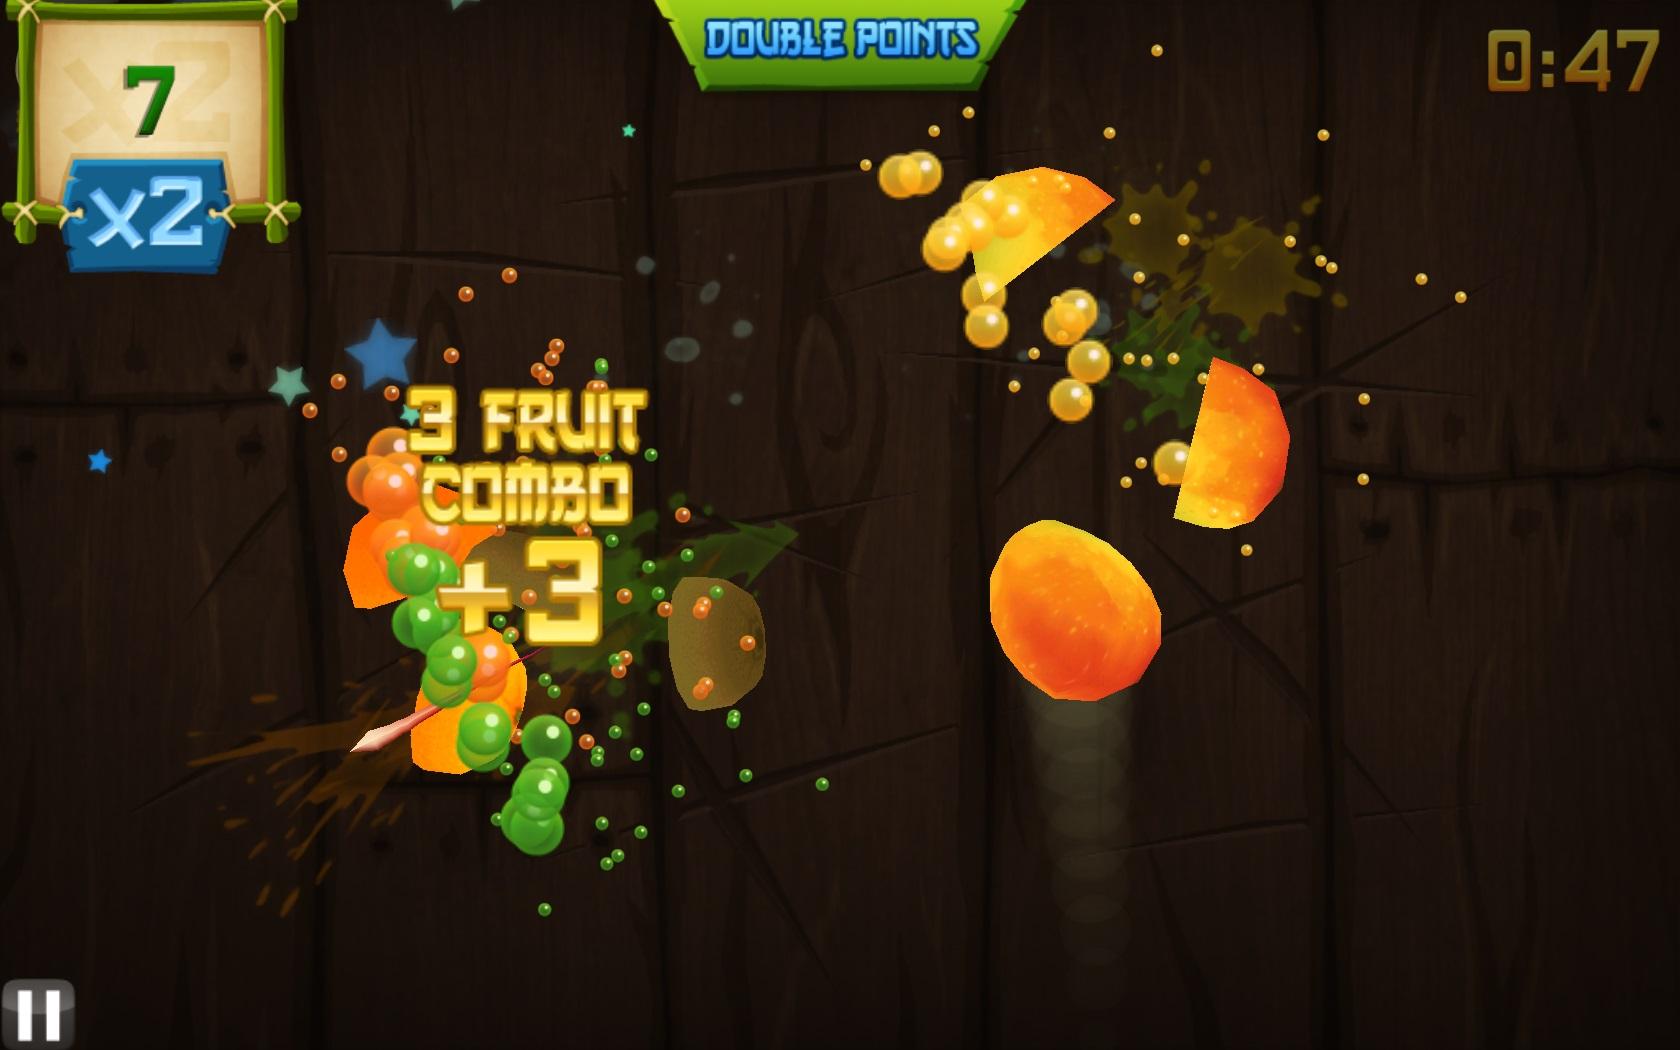 Fruit ninja free скачать бесплатно на компьютер